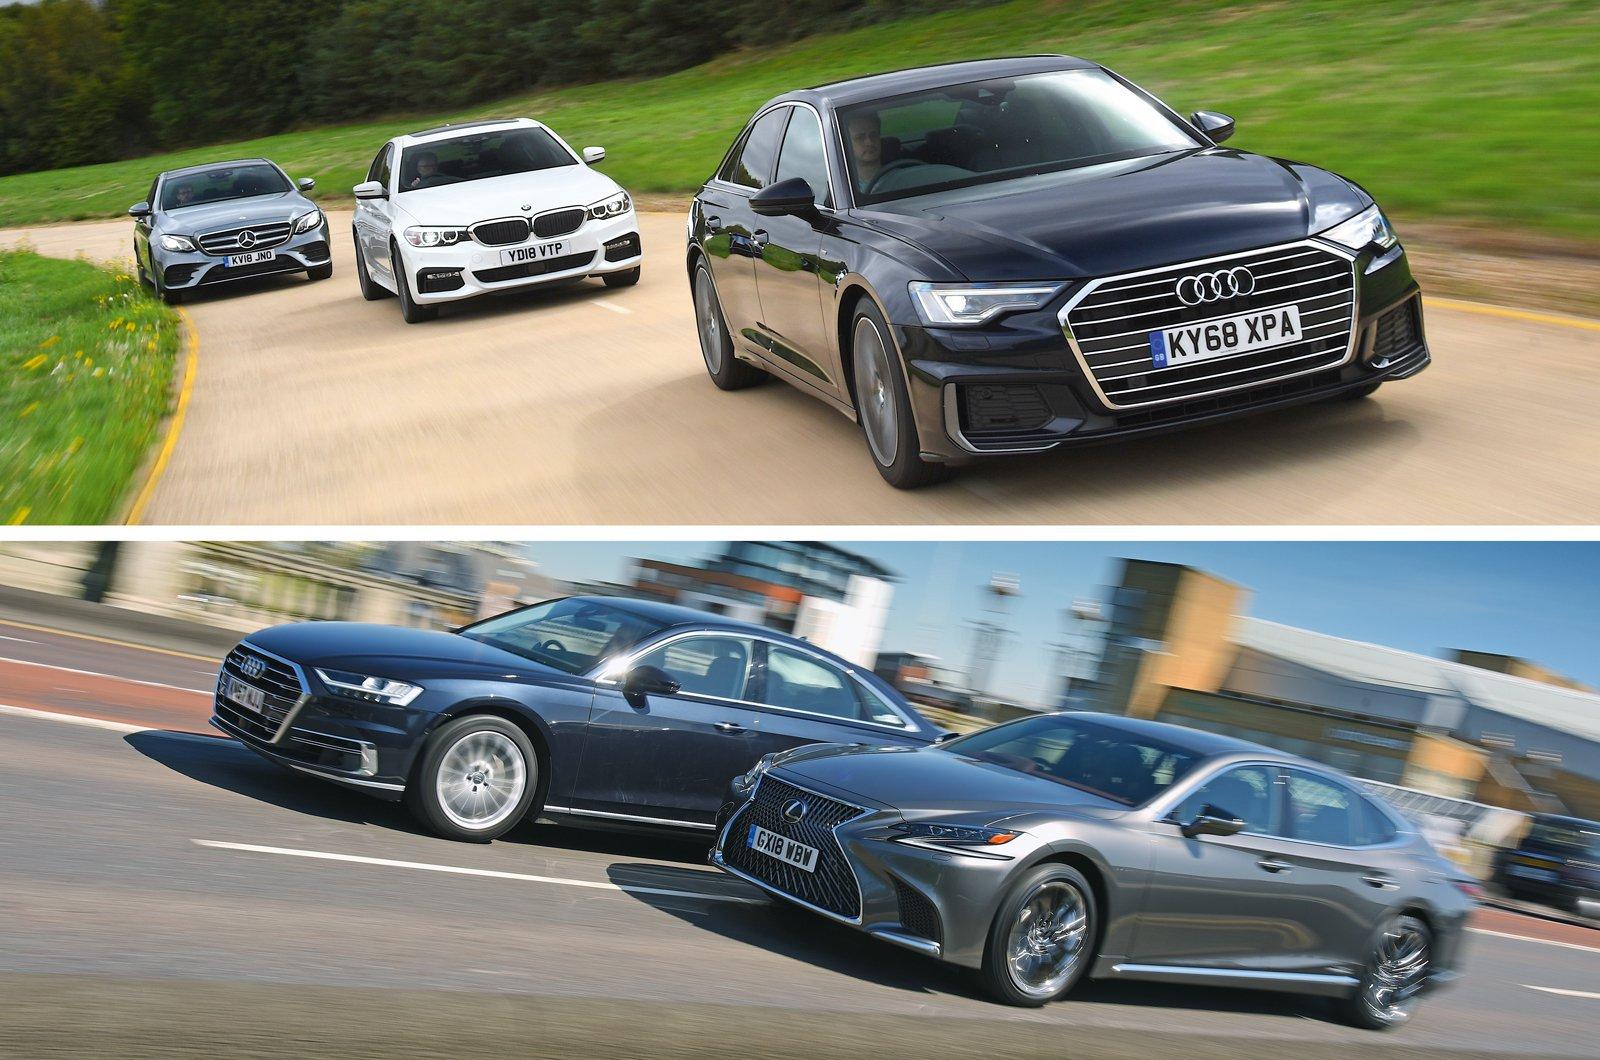 Luxury car compilation image